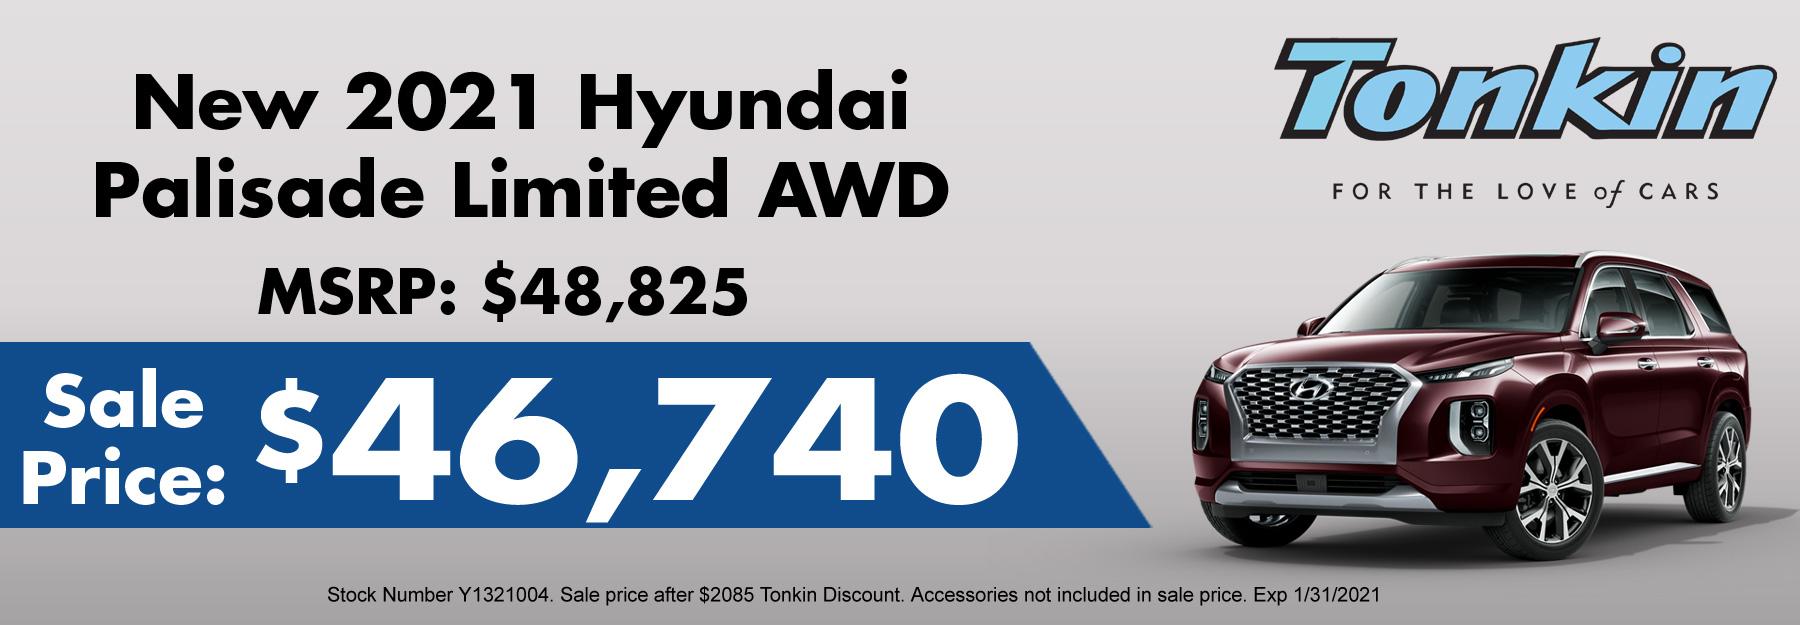 New Hyundai Palisade Special